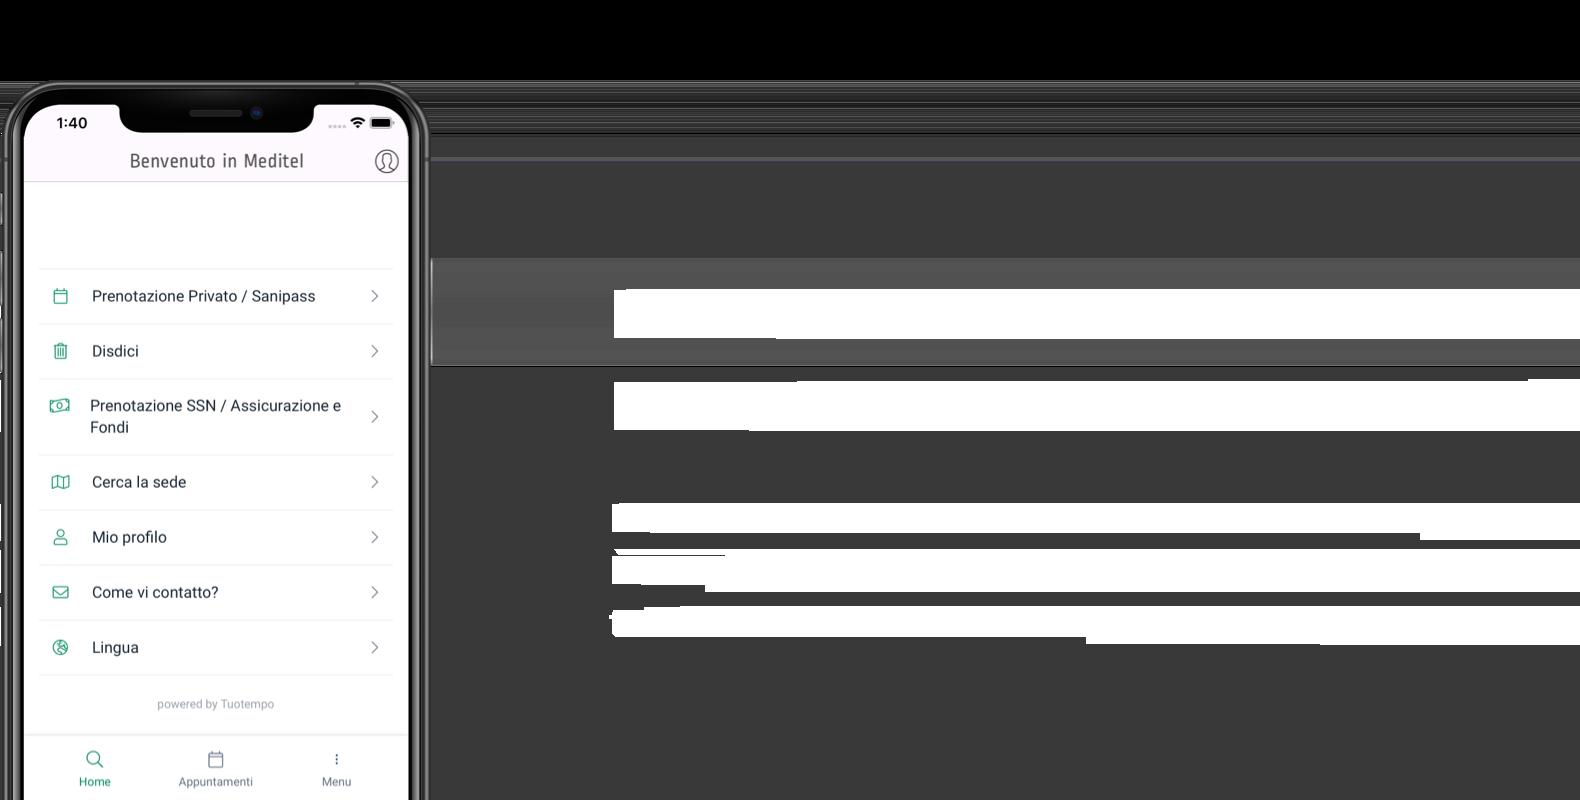 Prenota da casa con la nuova app Gruppo Meditel!